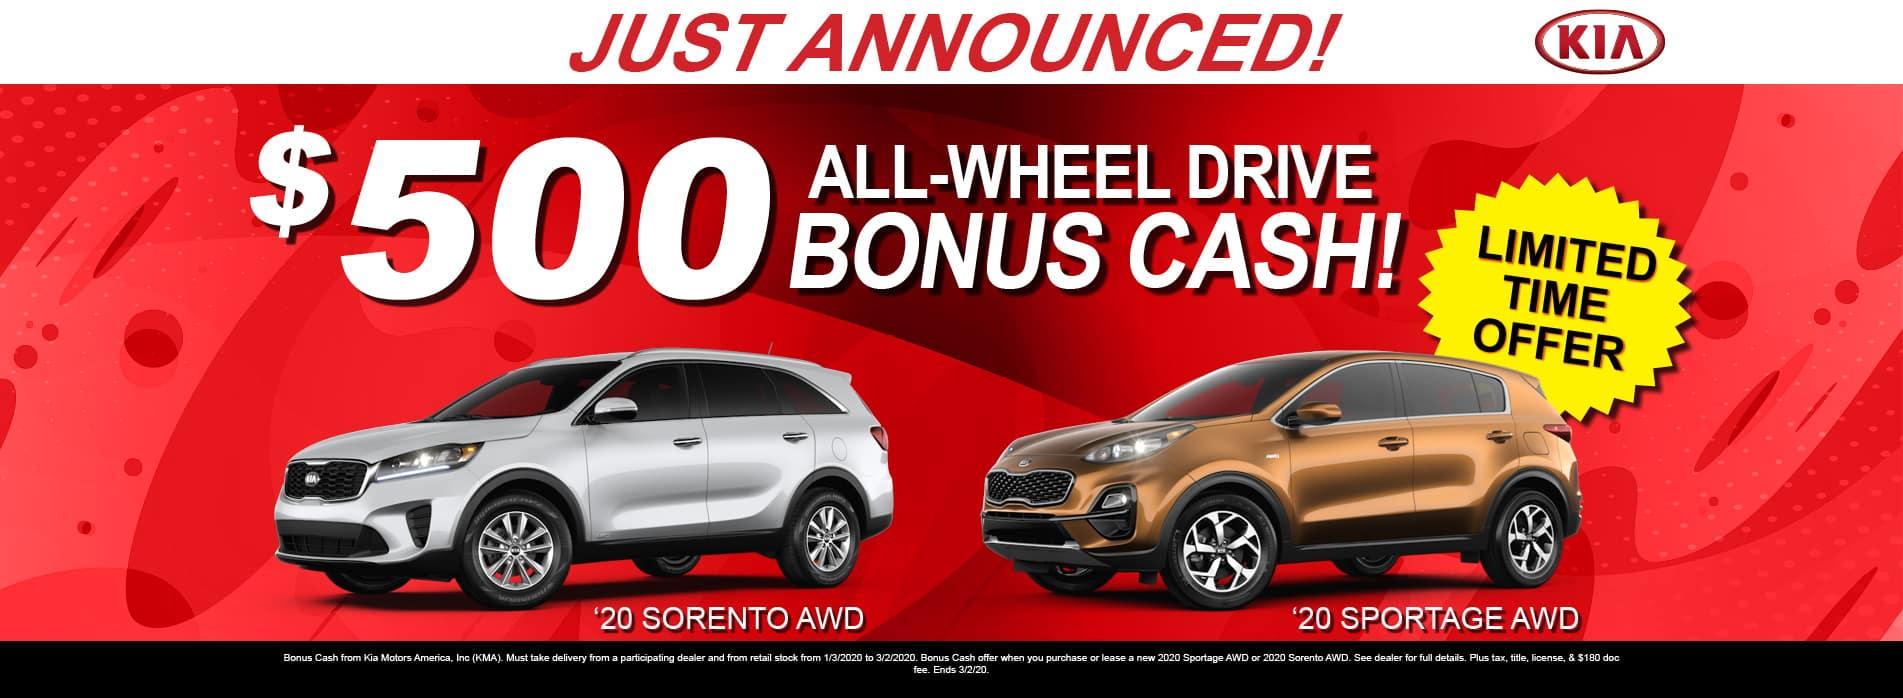 Smart_Kia_Bonus_Cash_All_Wheel_Drive